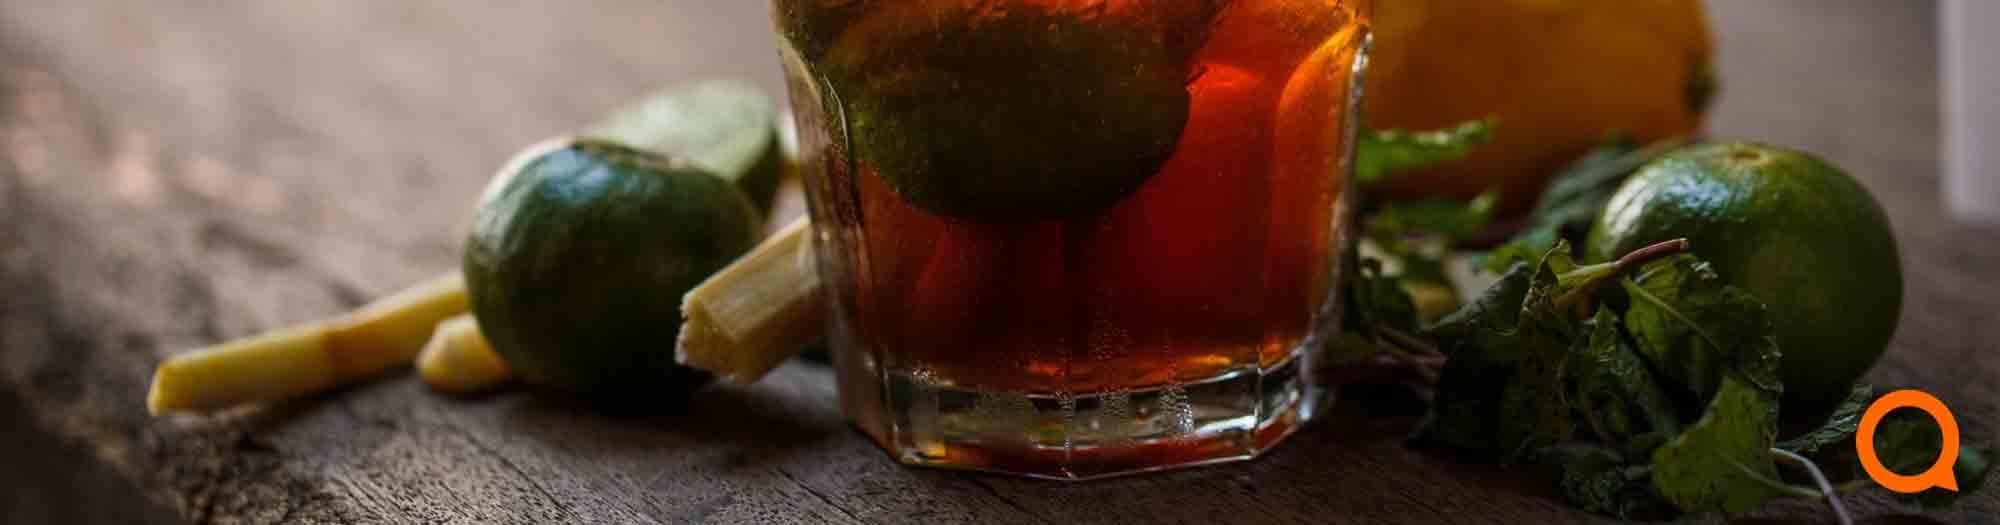 Cachaça rum